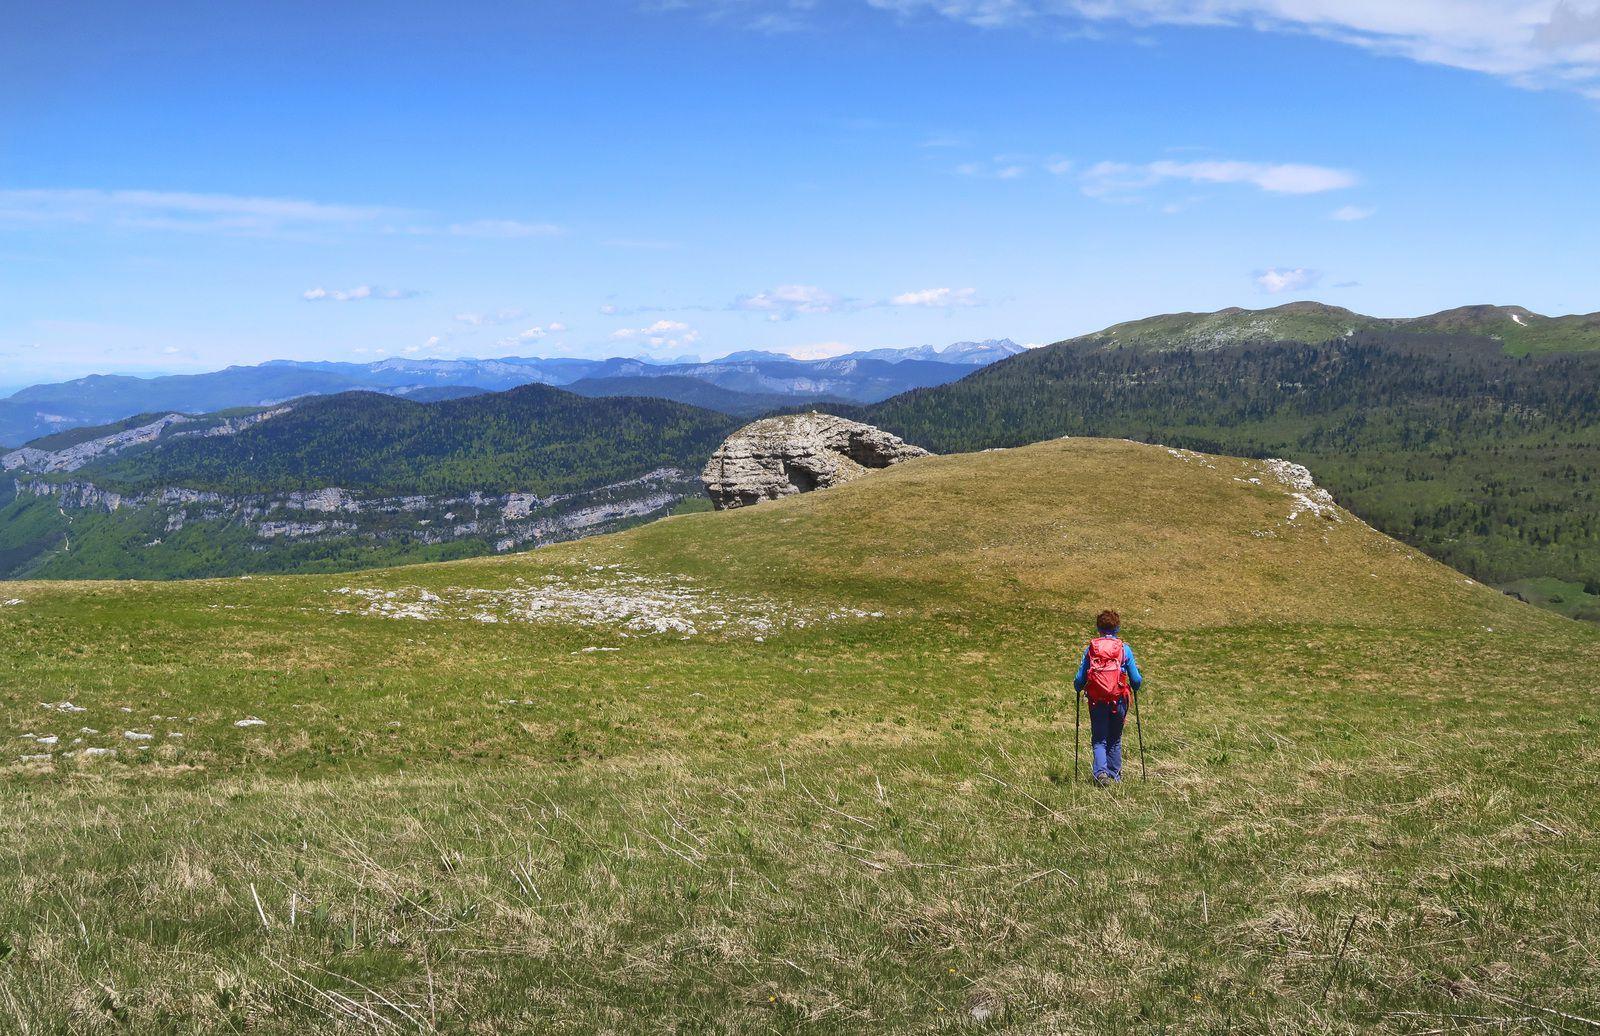 Traversée du plateau sommital en direction du curieux dôme rocheux du sommet nord-est.